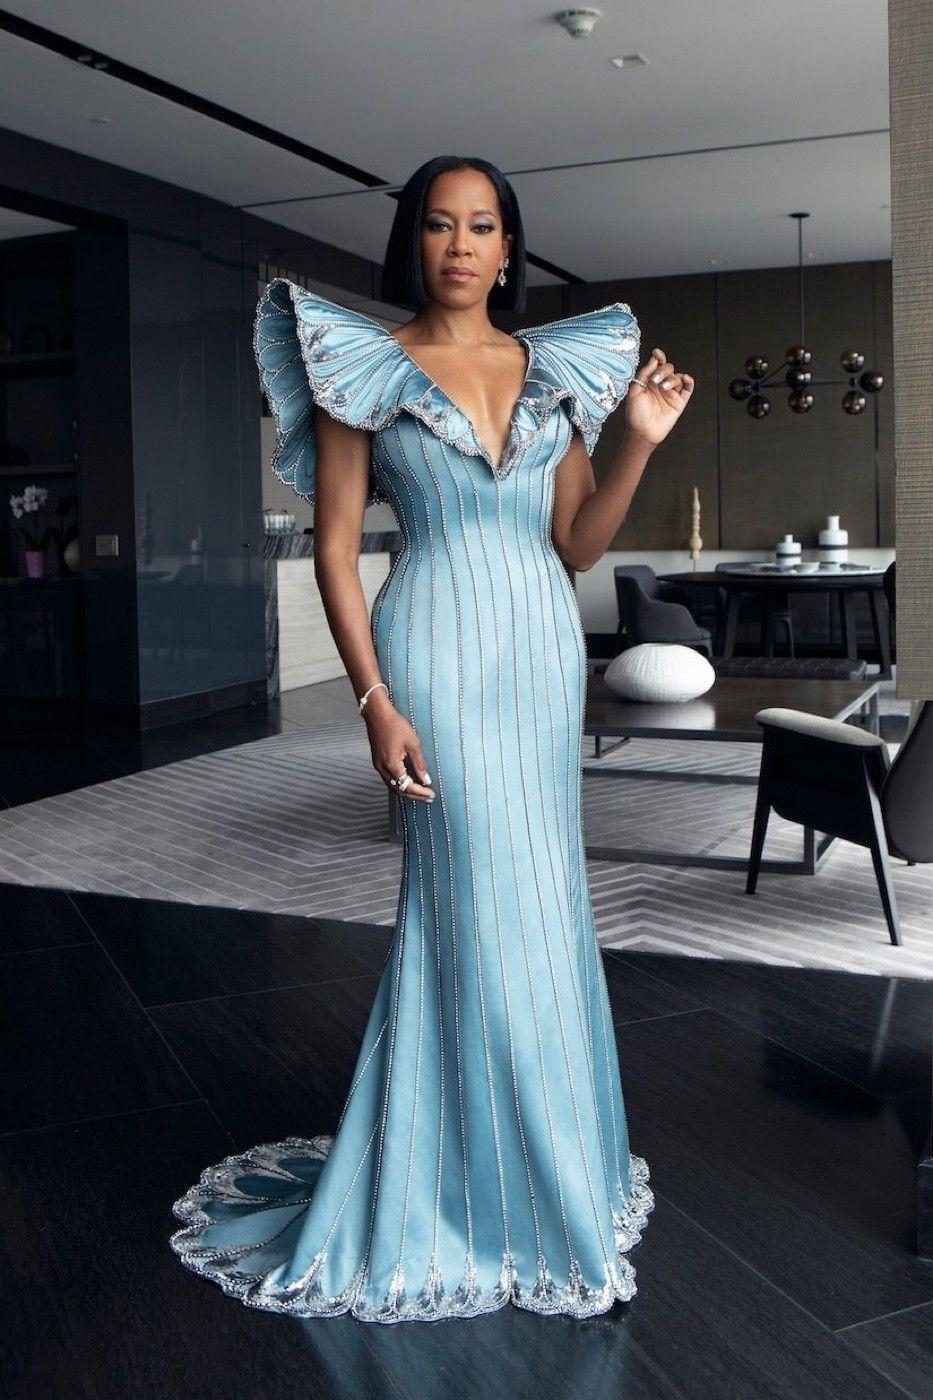 Regina King shutting it down in Custom Louis Vuitton